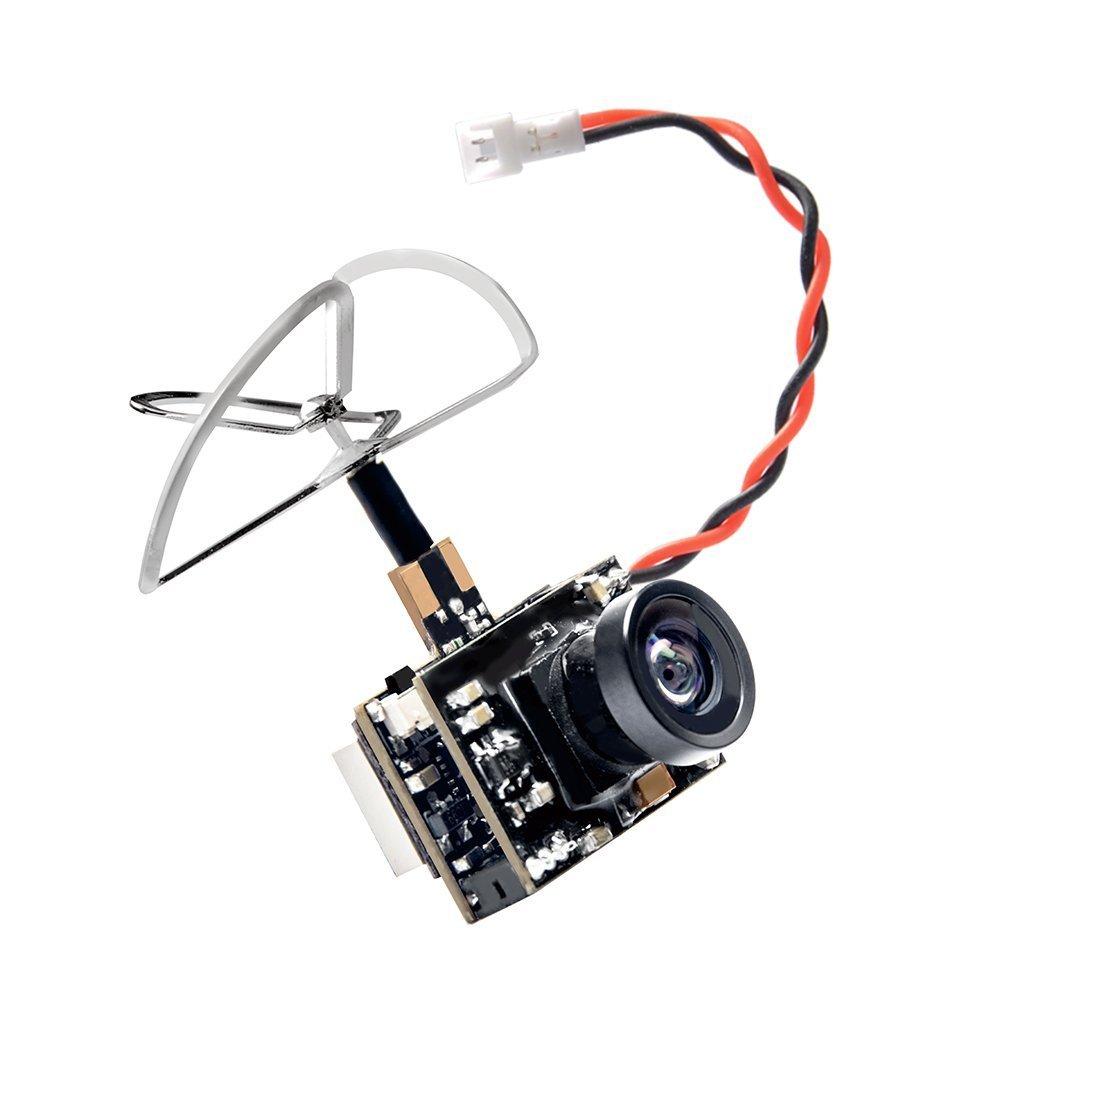 GOTOQOMO GT01 5,8GHz 600TVL Micro C/ámara AIO y 40CH 25mW FPV Video Transmisor Combinado con Antena de Tr/ébol para FPV Indoor Racing